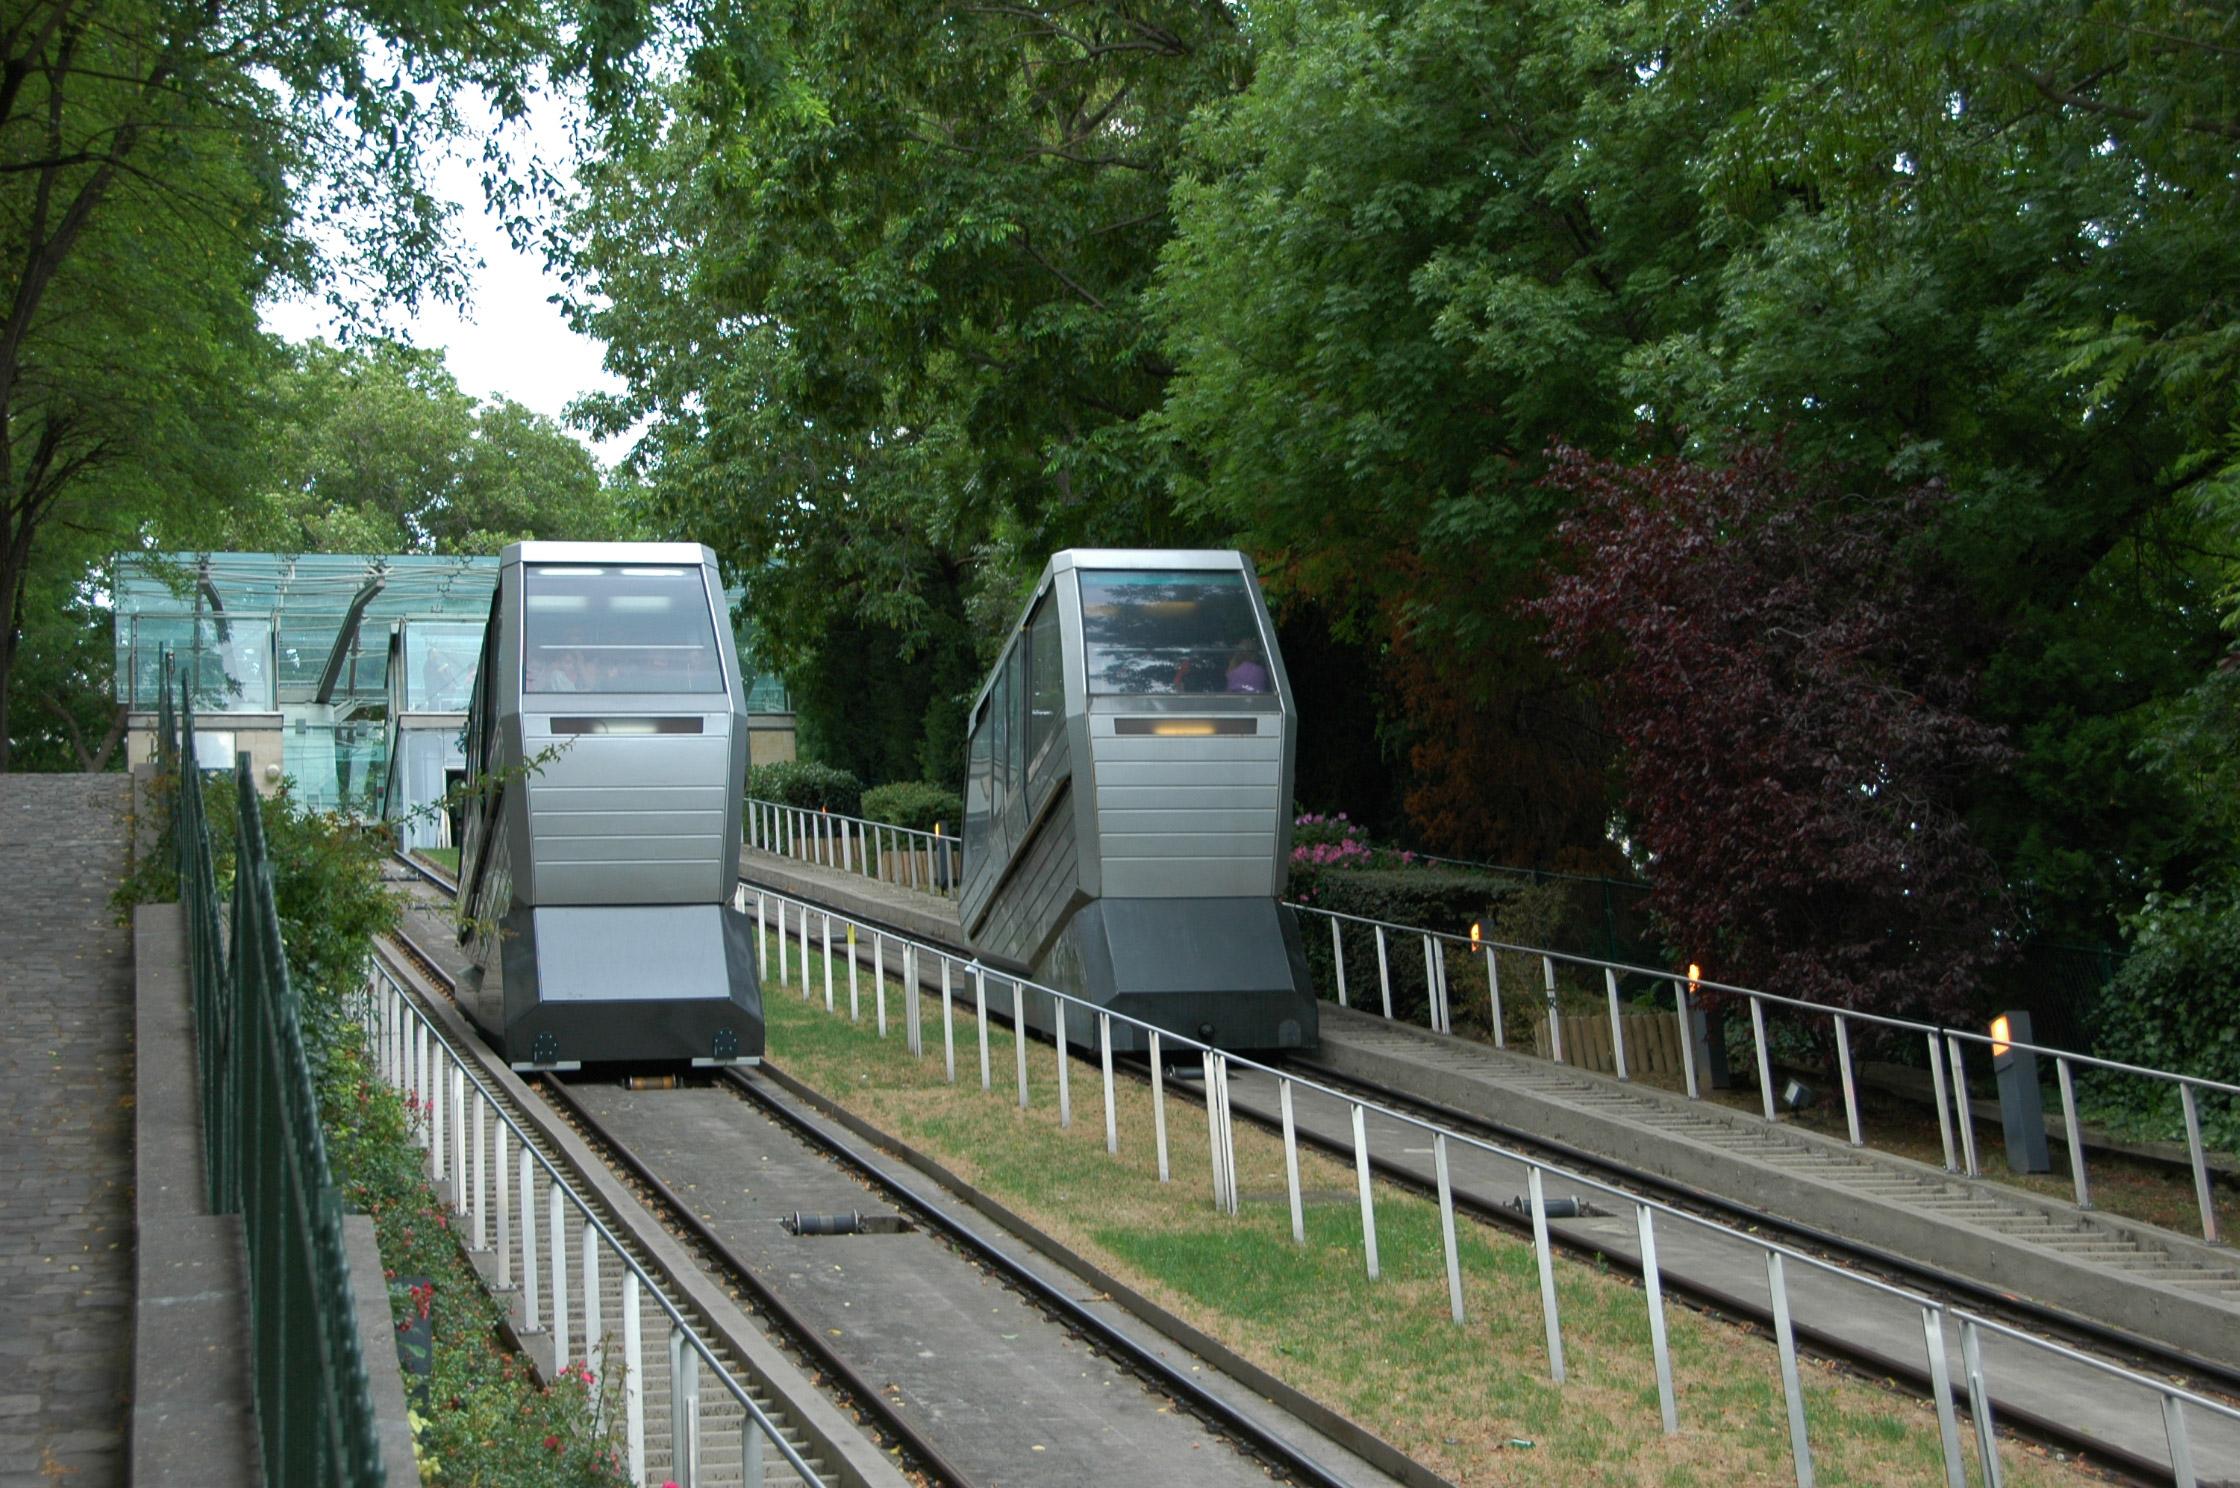 Funiculaire de Montmartre en 2008 / Montmartre Funicular in 2008